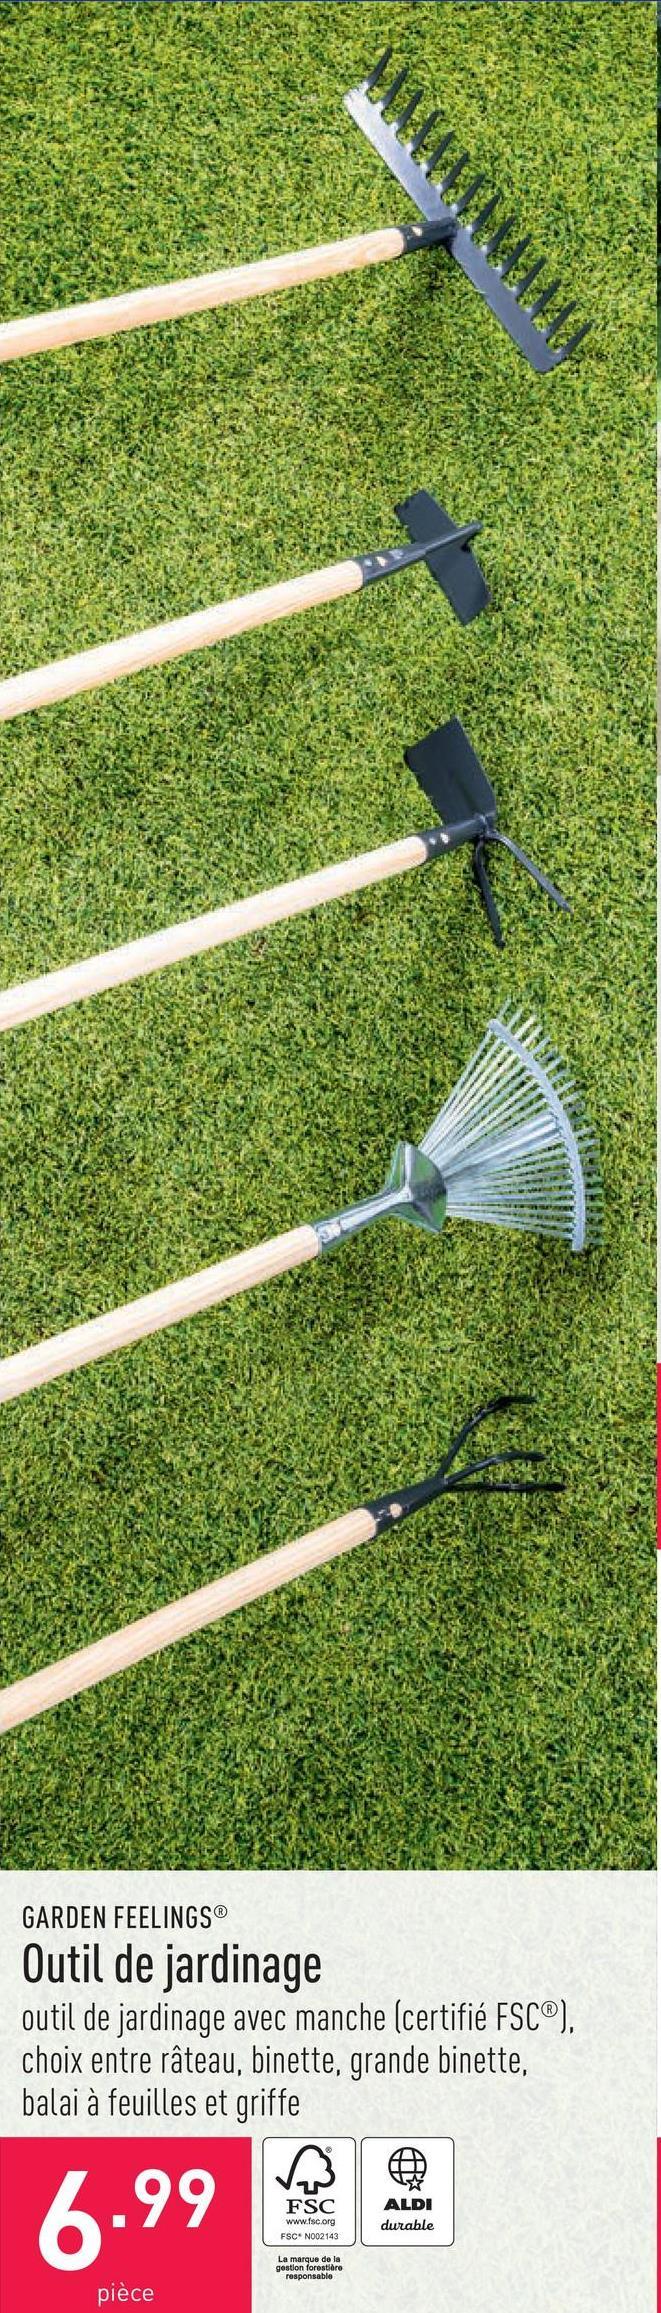 Outil de jardinage outil de jardinage avec manche (certifié FSC®), choix entre râteau, binette, grande binette, balai à feuilles et griffe